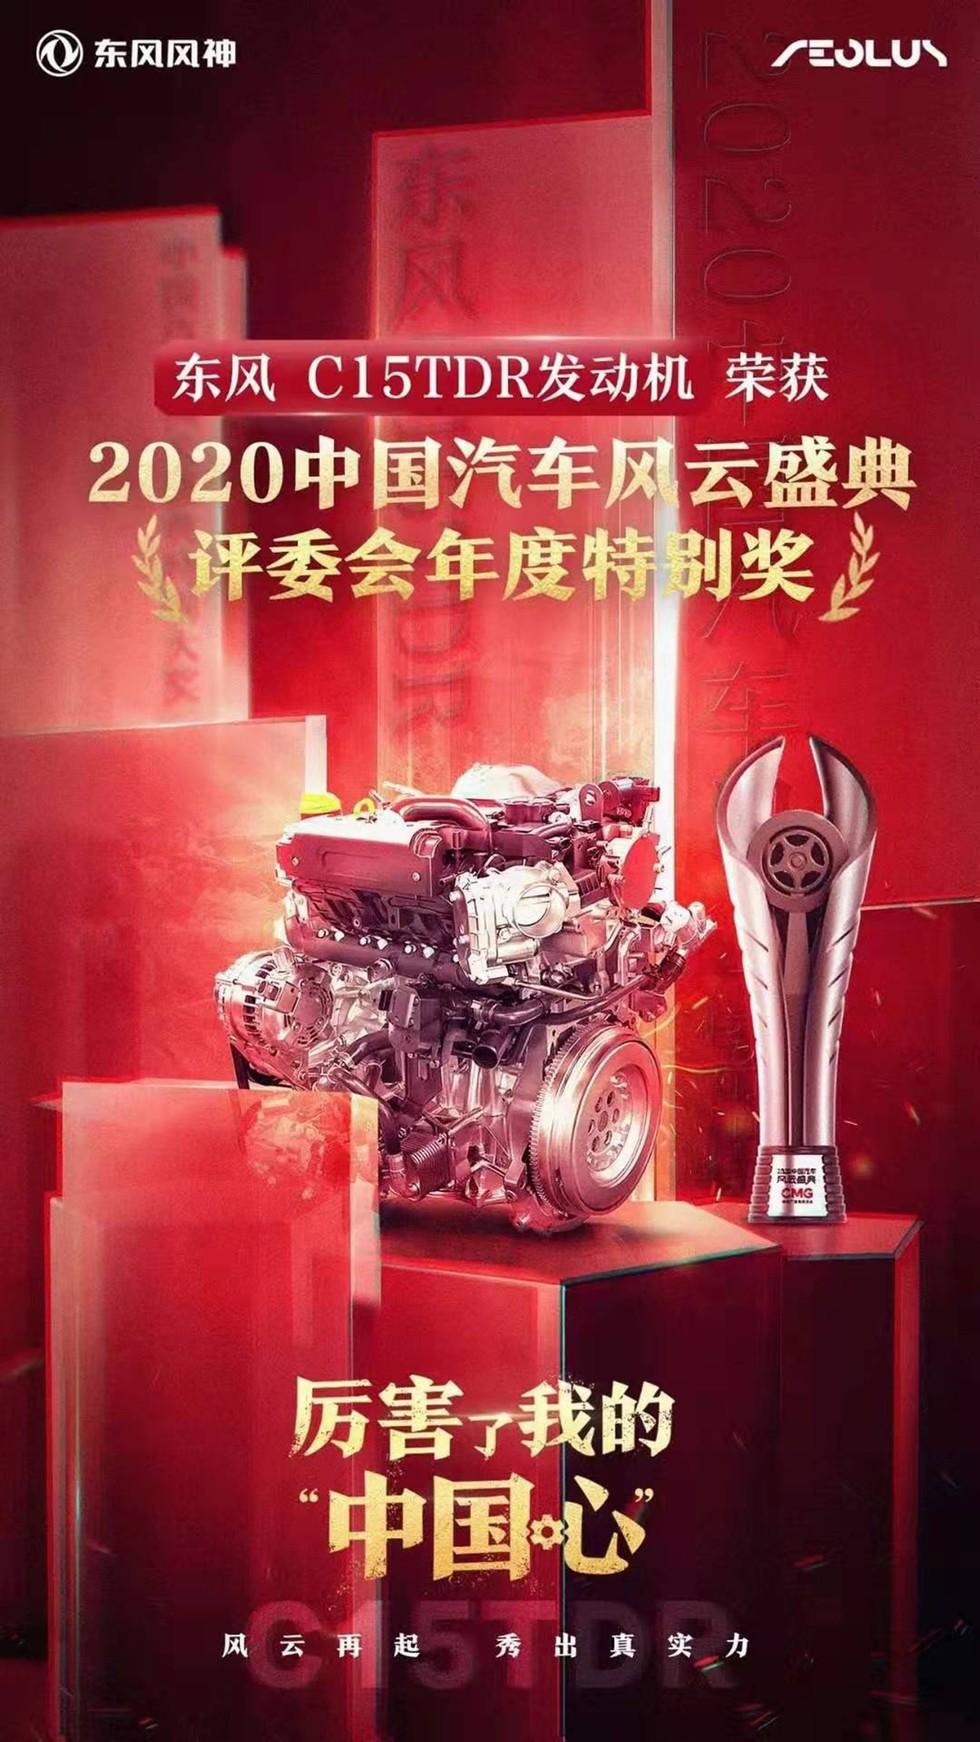 C15TDR发动机星耀中国汽车风云盛典